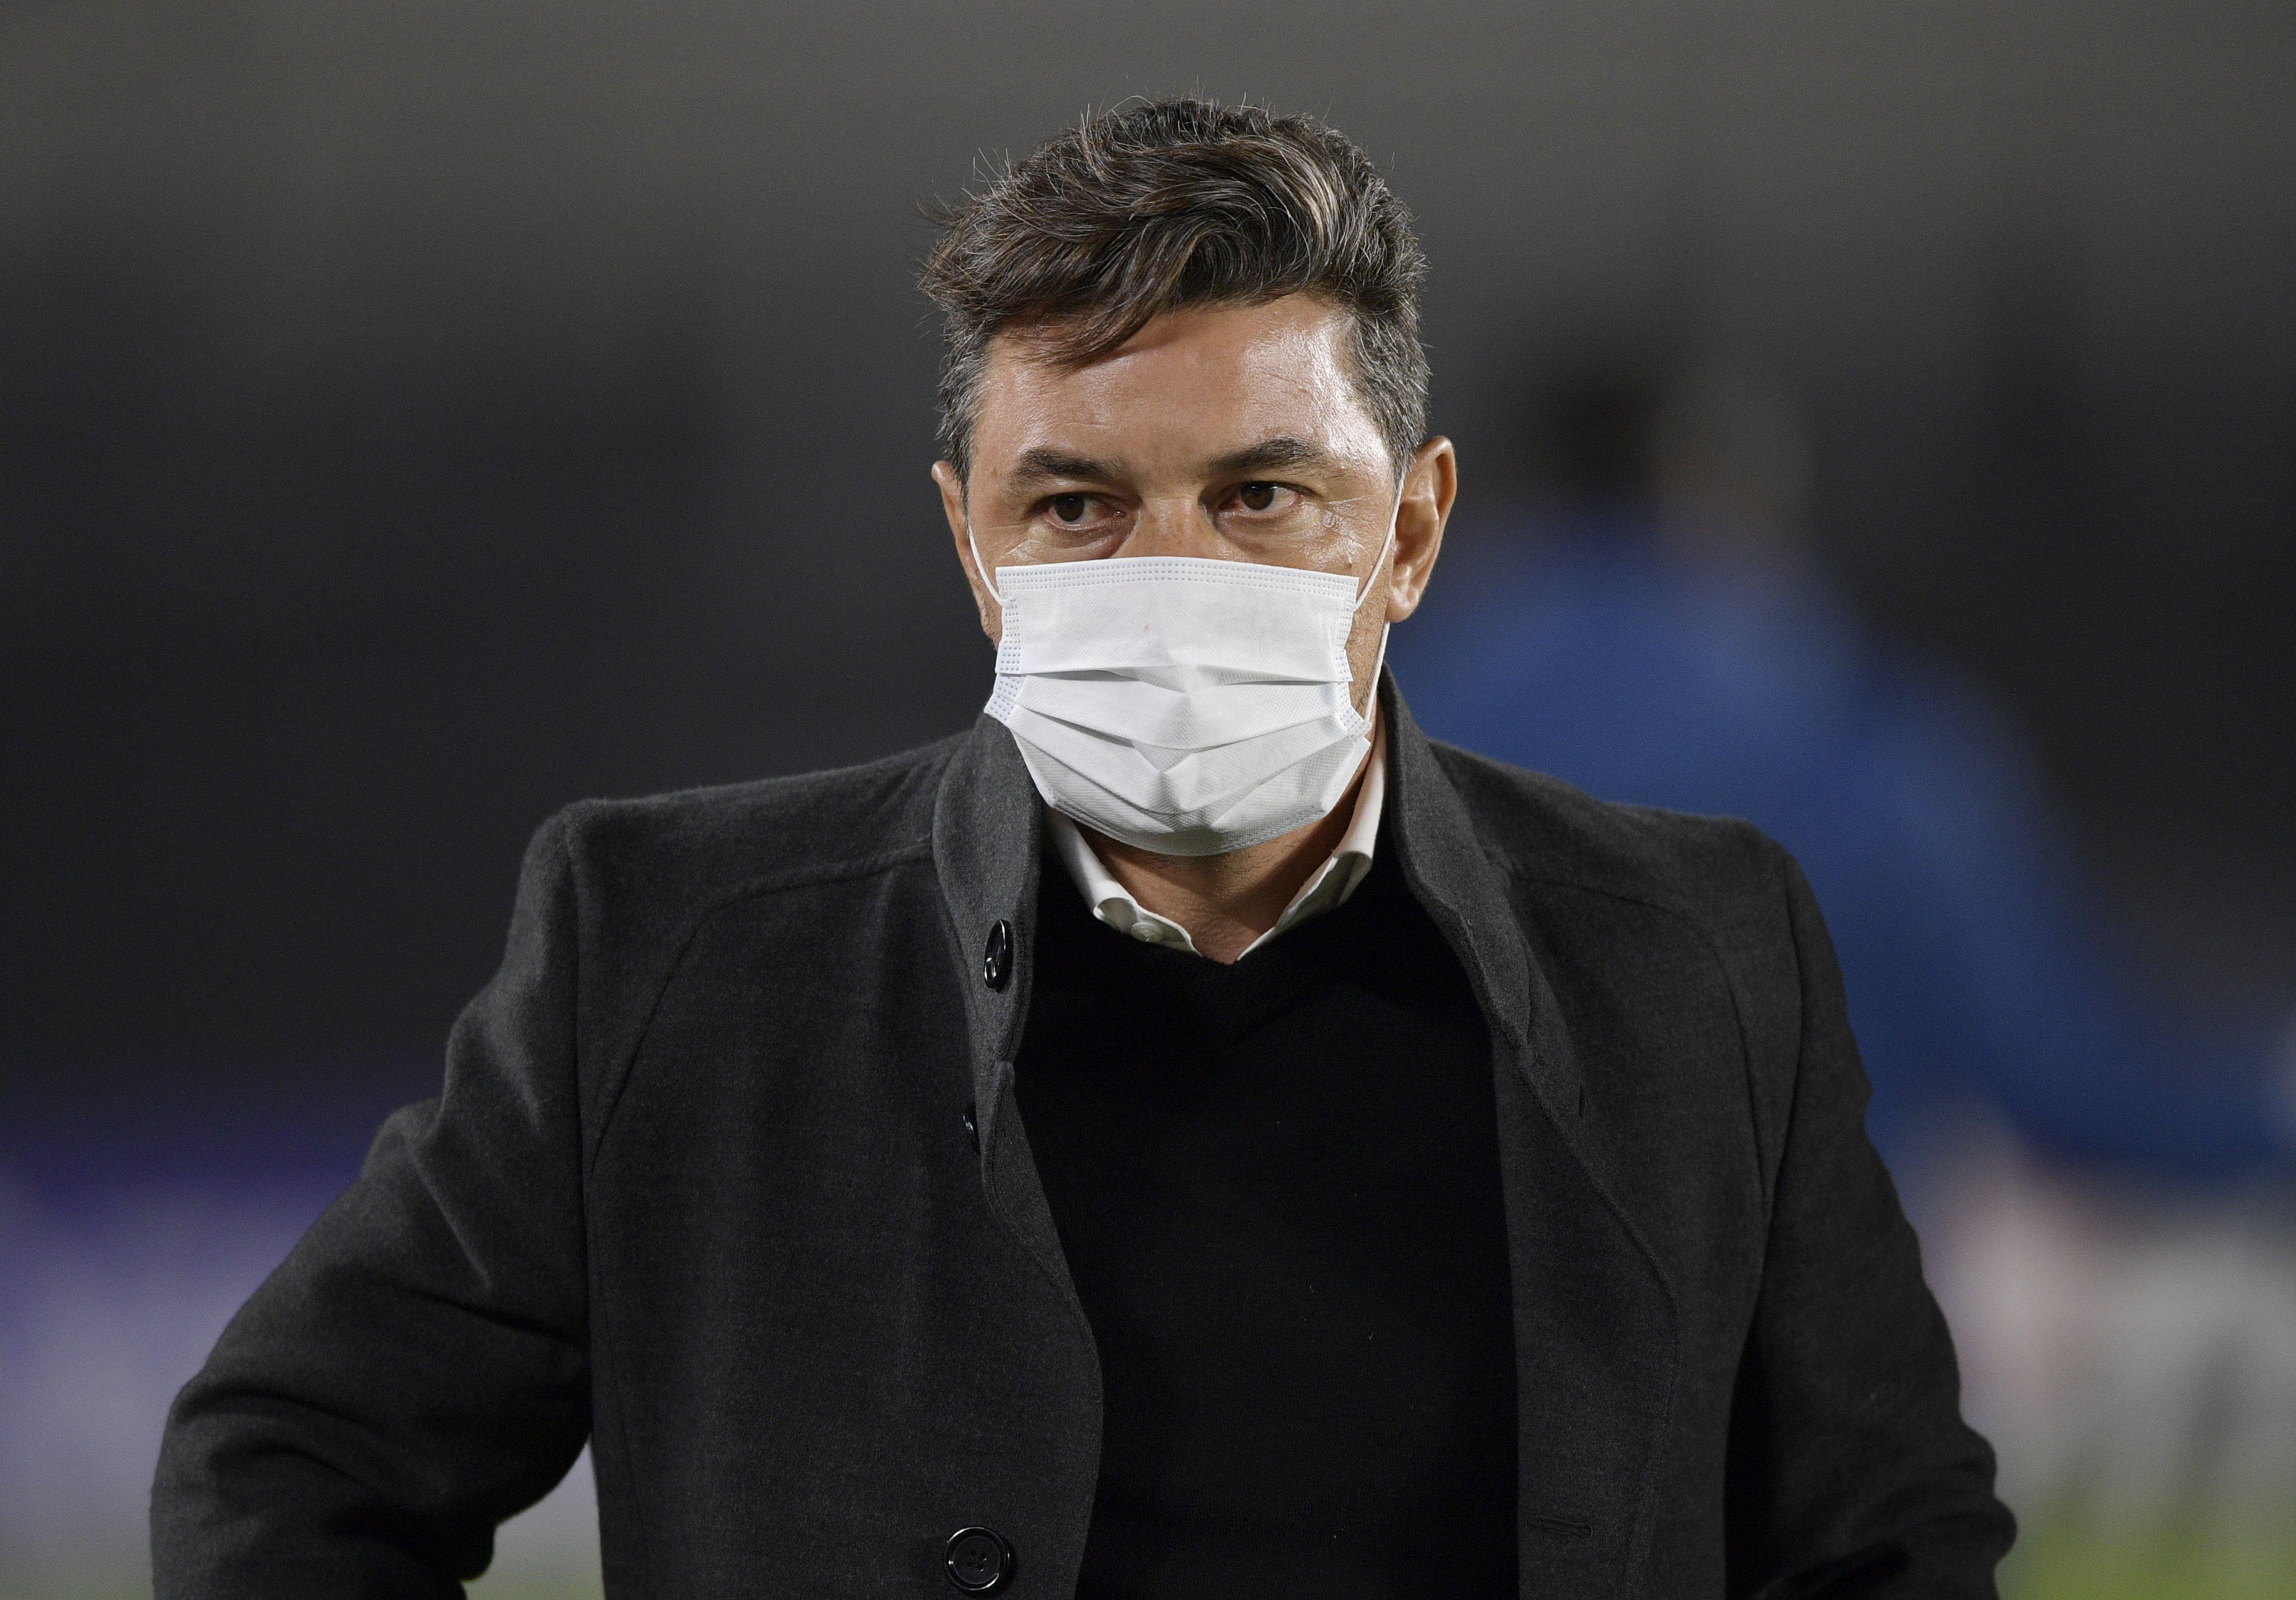 Marcelo Gallardo valoró el gran esfuerzo que hicieron los jugadores de River pese al difícil momento que atravesaron producto del brote de coronavirus (REUTERS/Juan Mabromata)